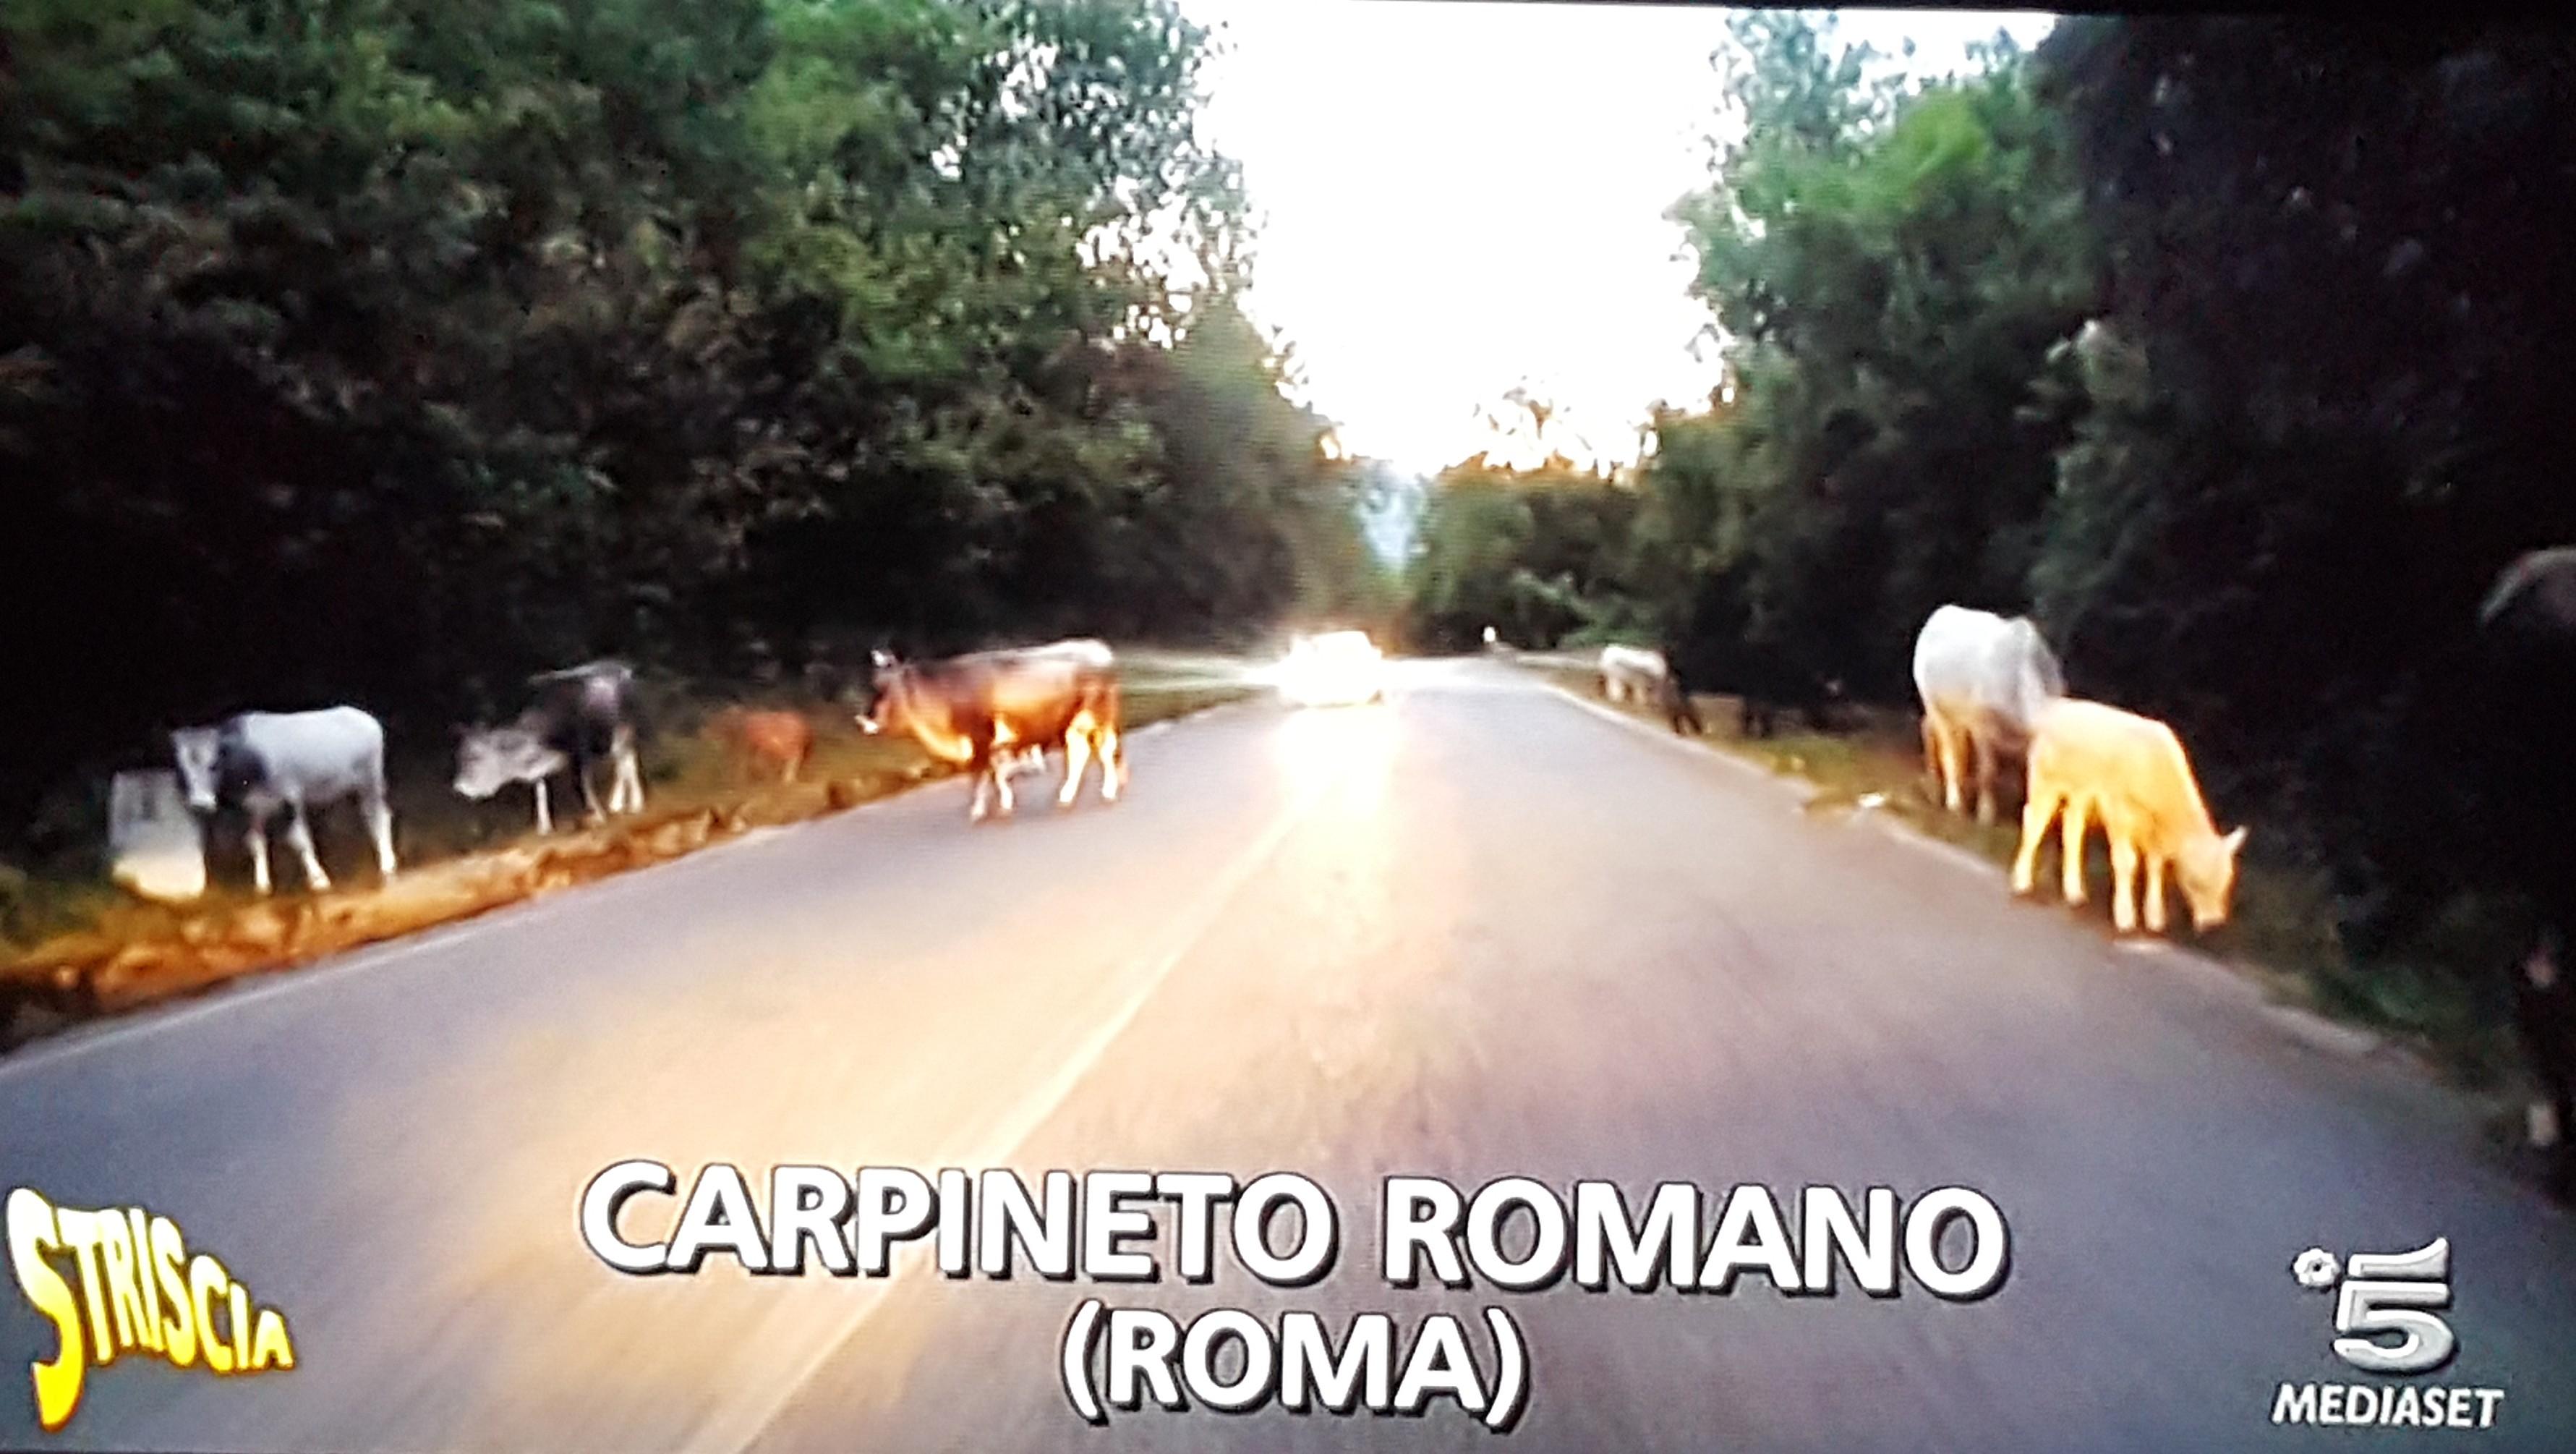 Carpineto Romano, questione bovini arriva anche a Striscia la notizia